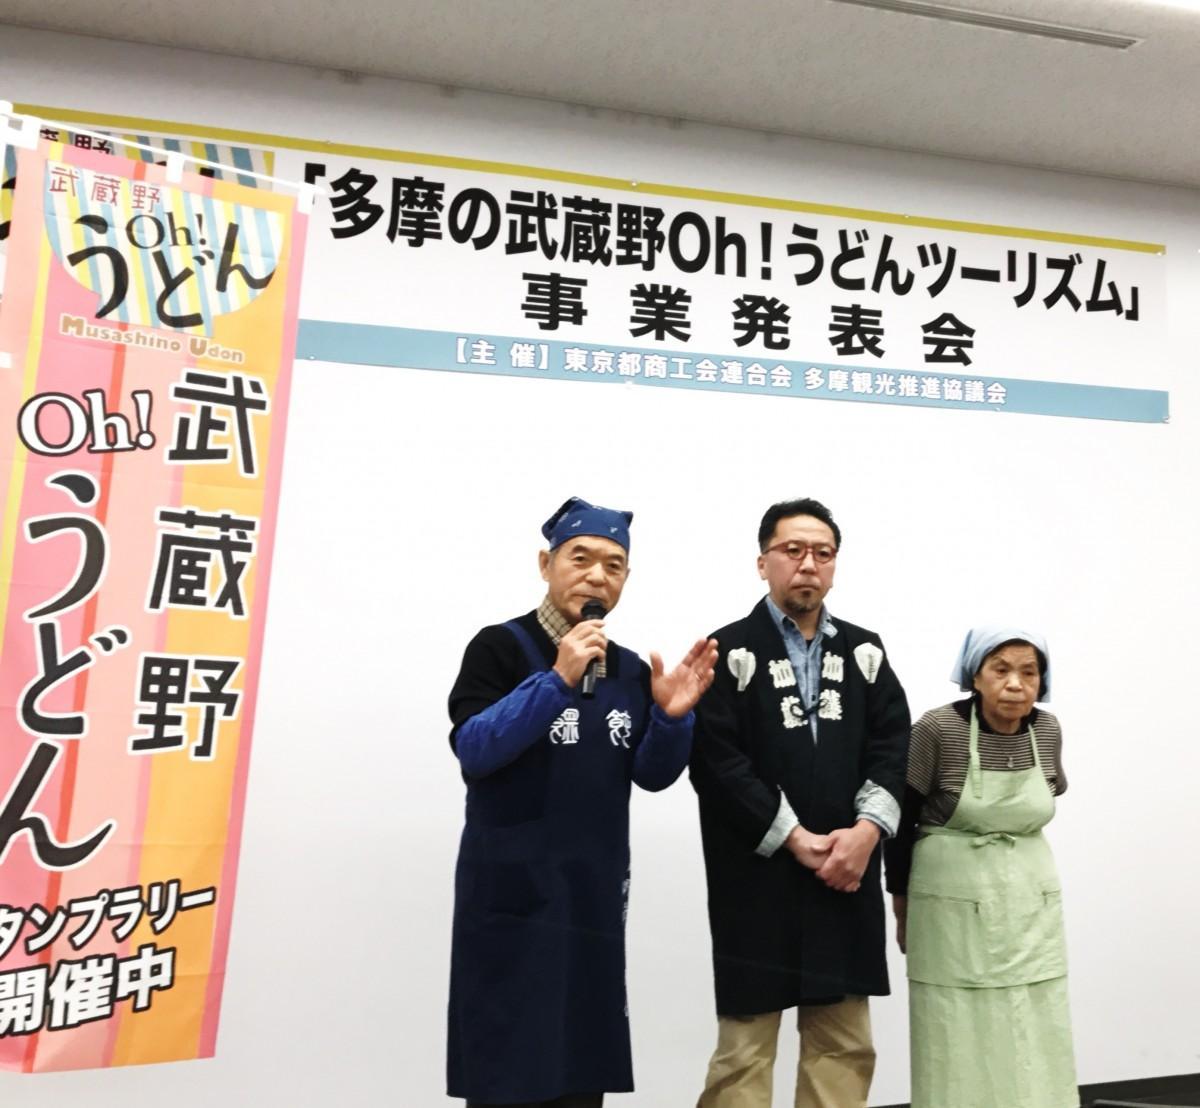 事業発表会に登壇した武蔵野手打ちうどん保存普及会の宮崎照夫会長(左)、「むさしのエン座」の加藤智春さん(中央)、「ますや」の神山ますさん(右)。